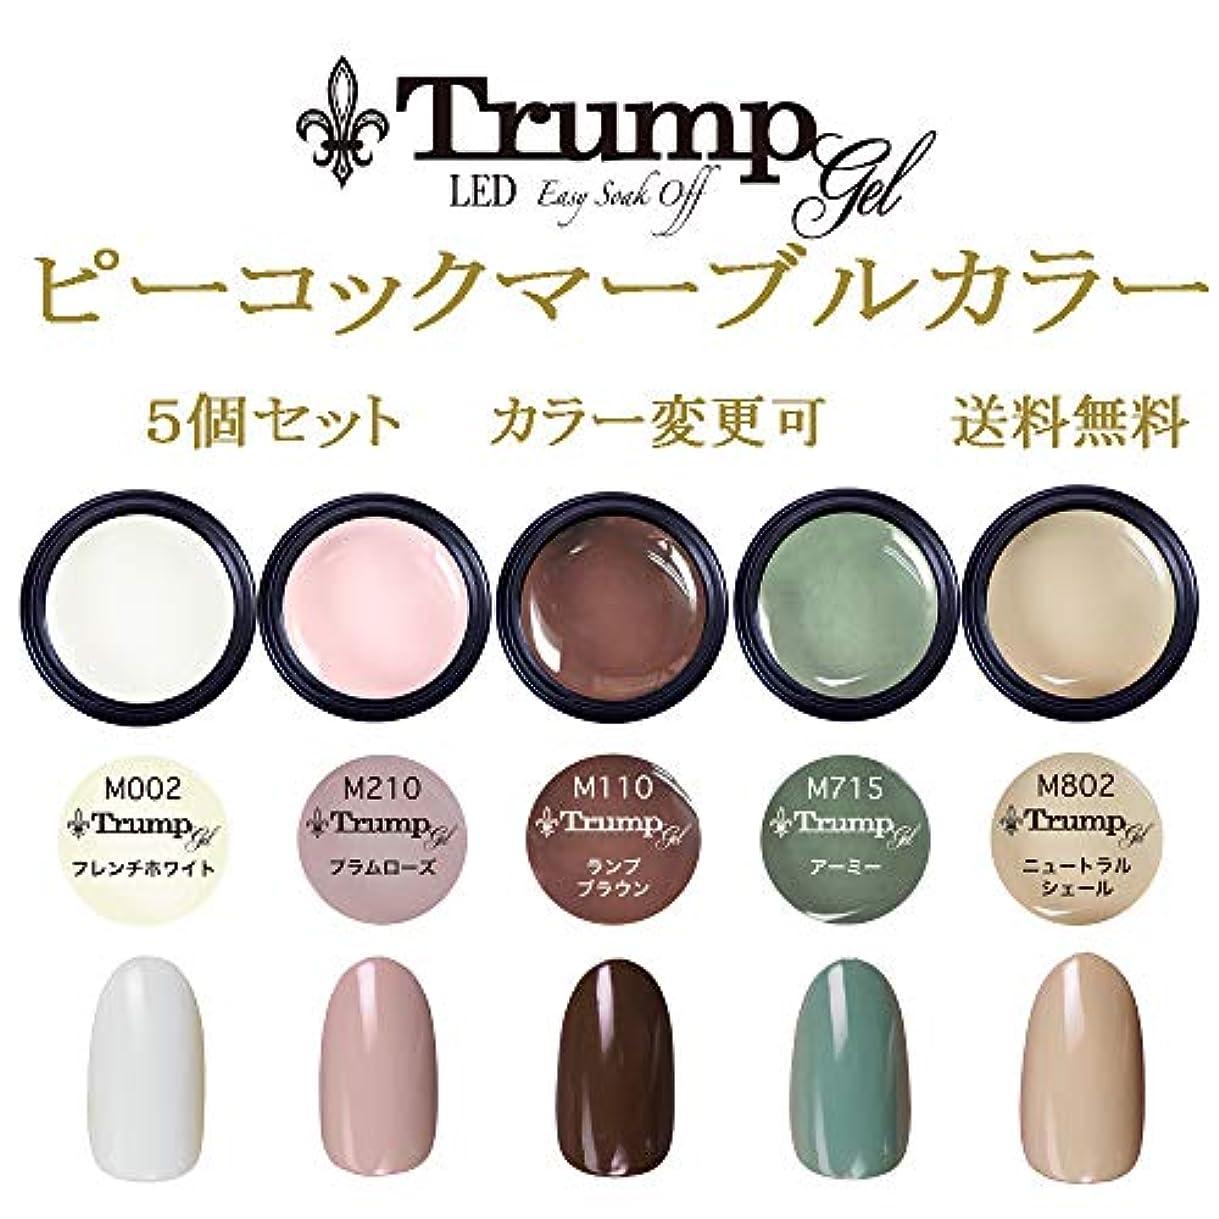 受信機キモい鉄【送料無料】日本製 Trump gel トランプジェル ピーコックマーブル カラージェル 5個セット 魅惑のフロストマットトップとマットに合う人気カラーをチョイス